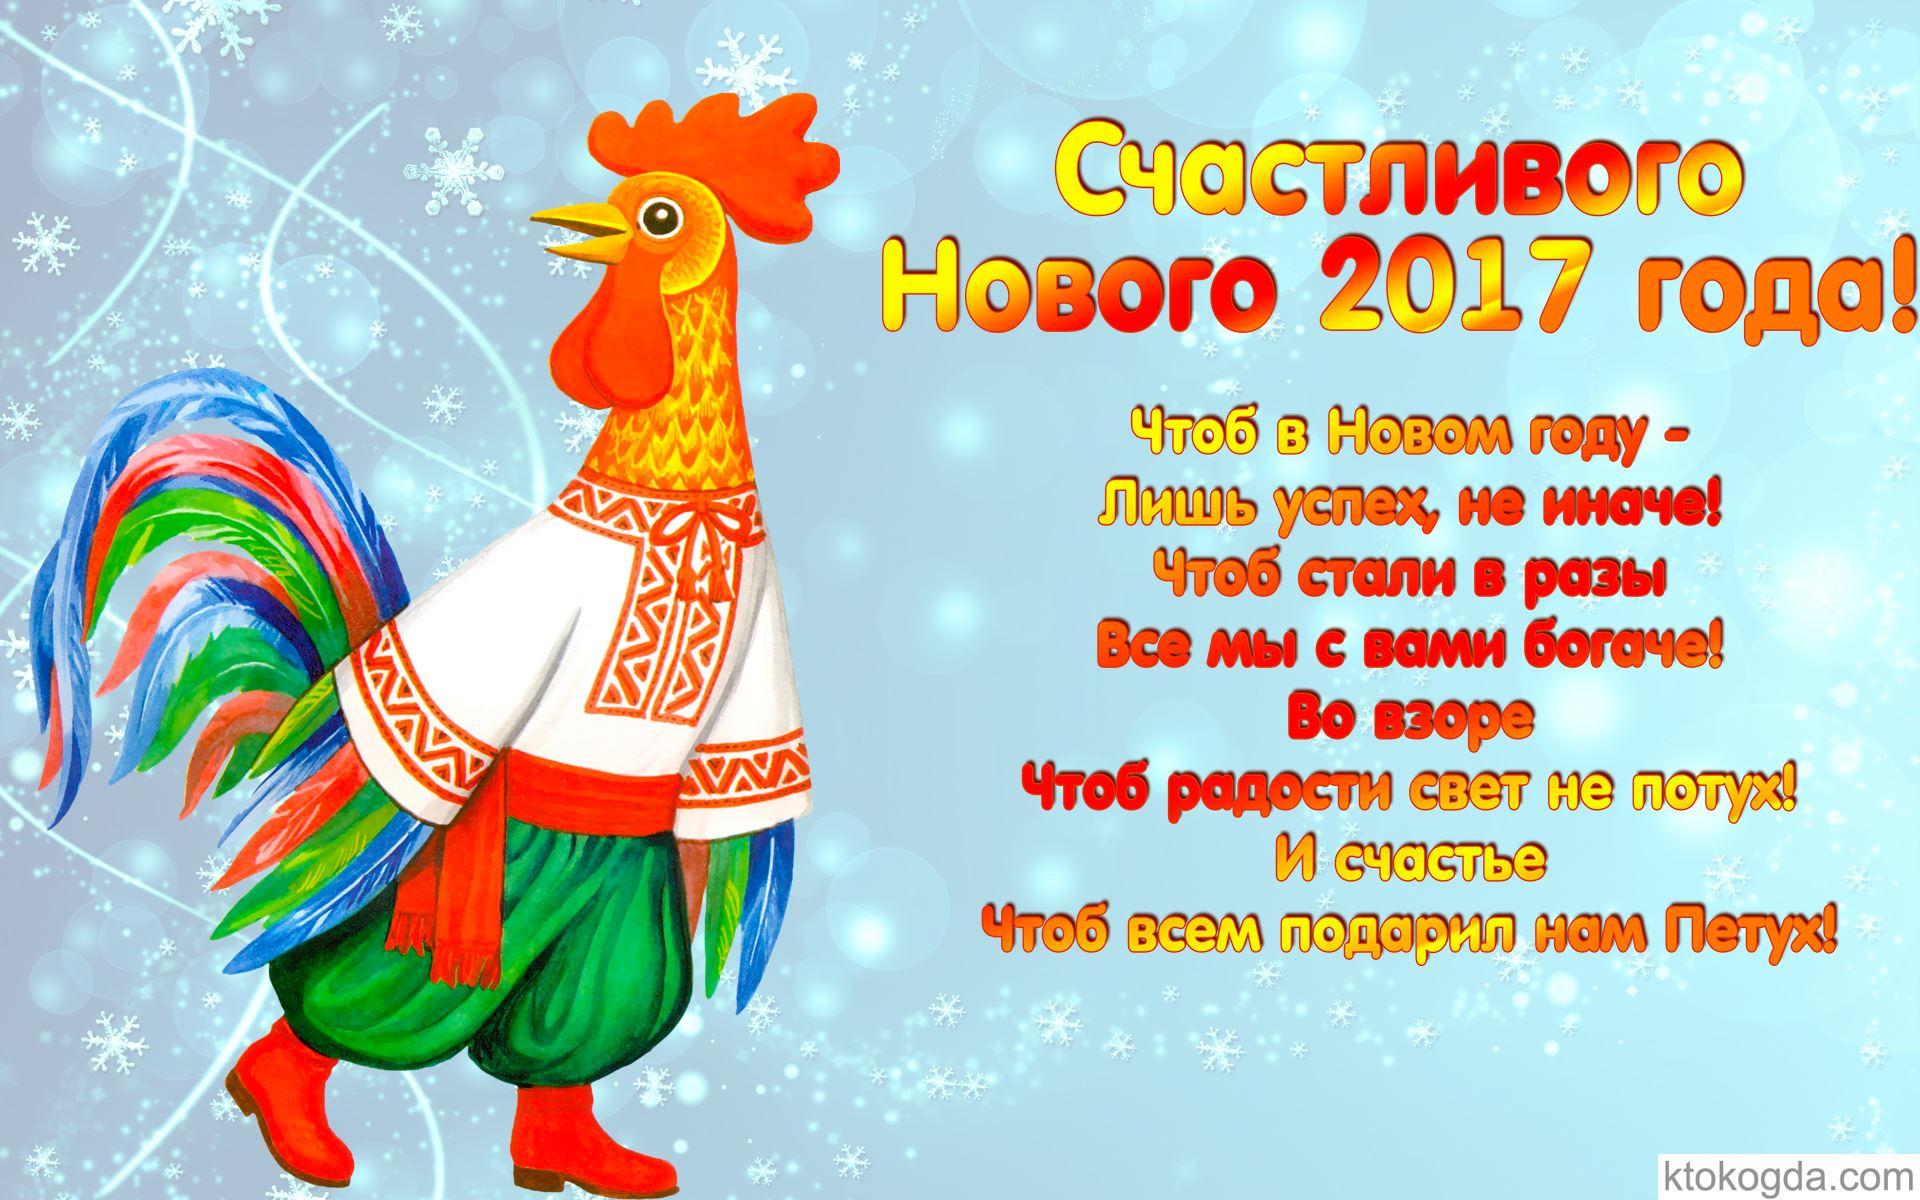 Кирилла, поздравления картинки с новым годом 2017 смешные короткие